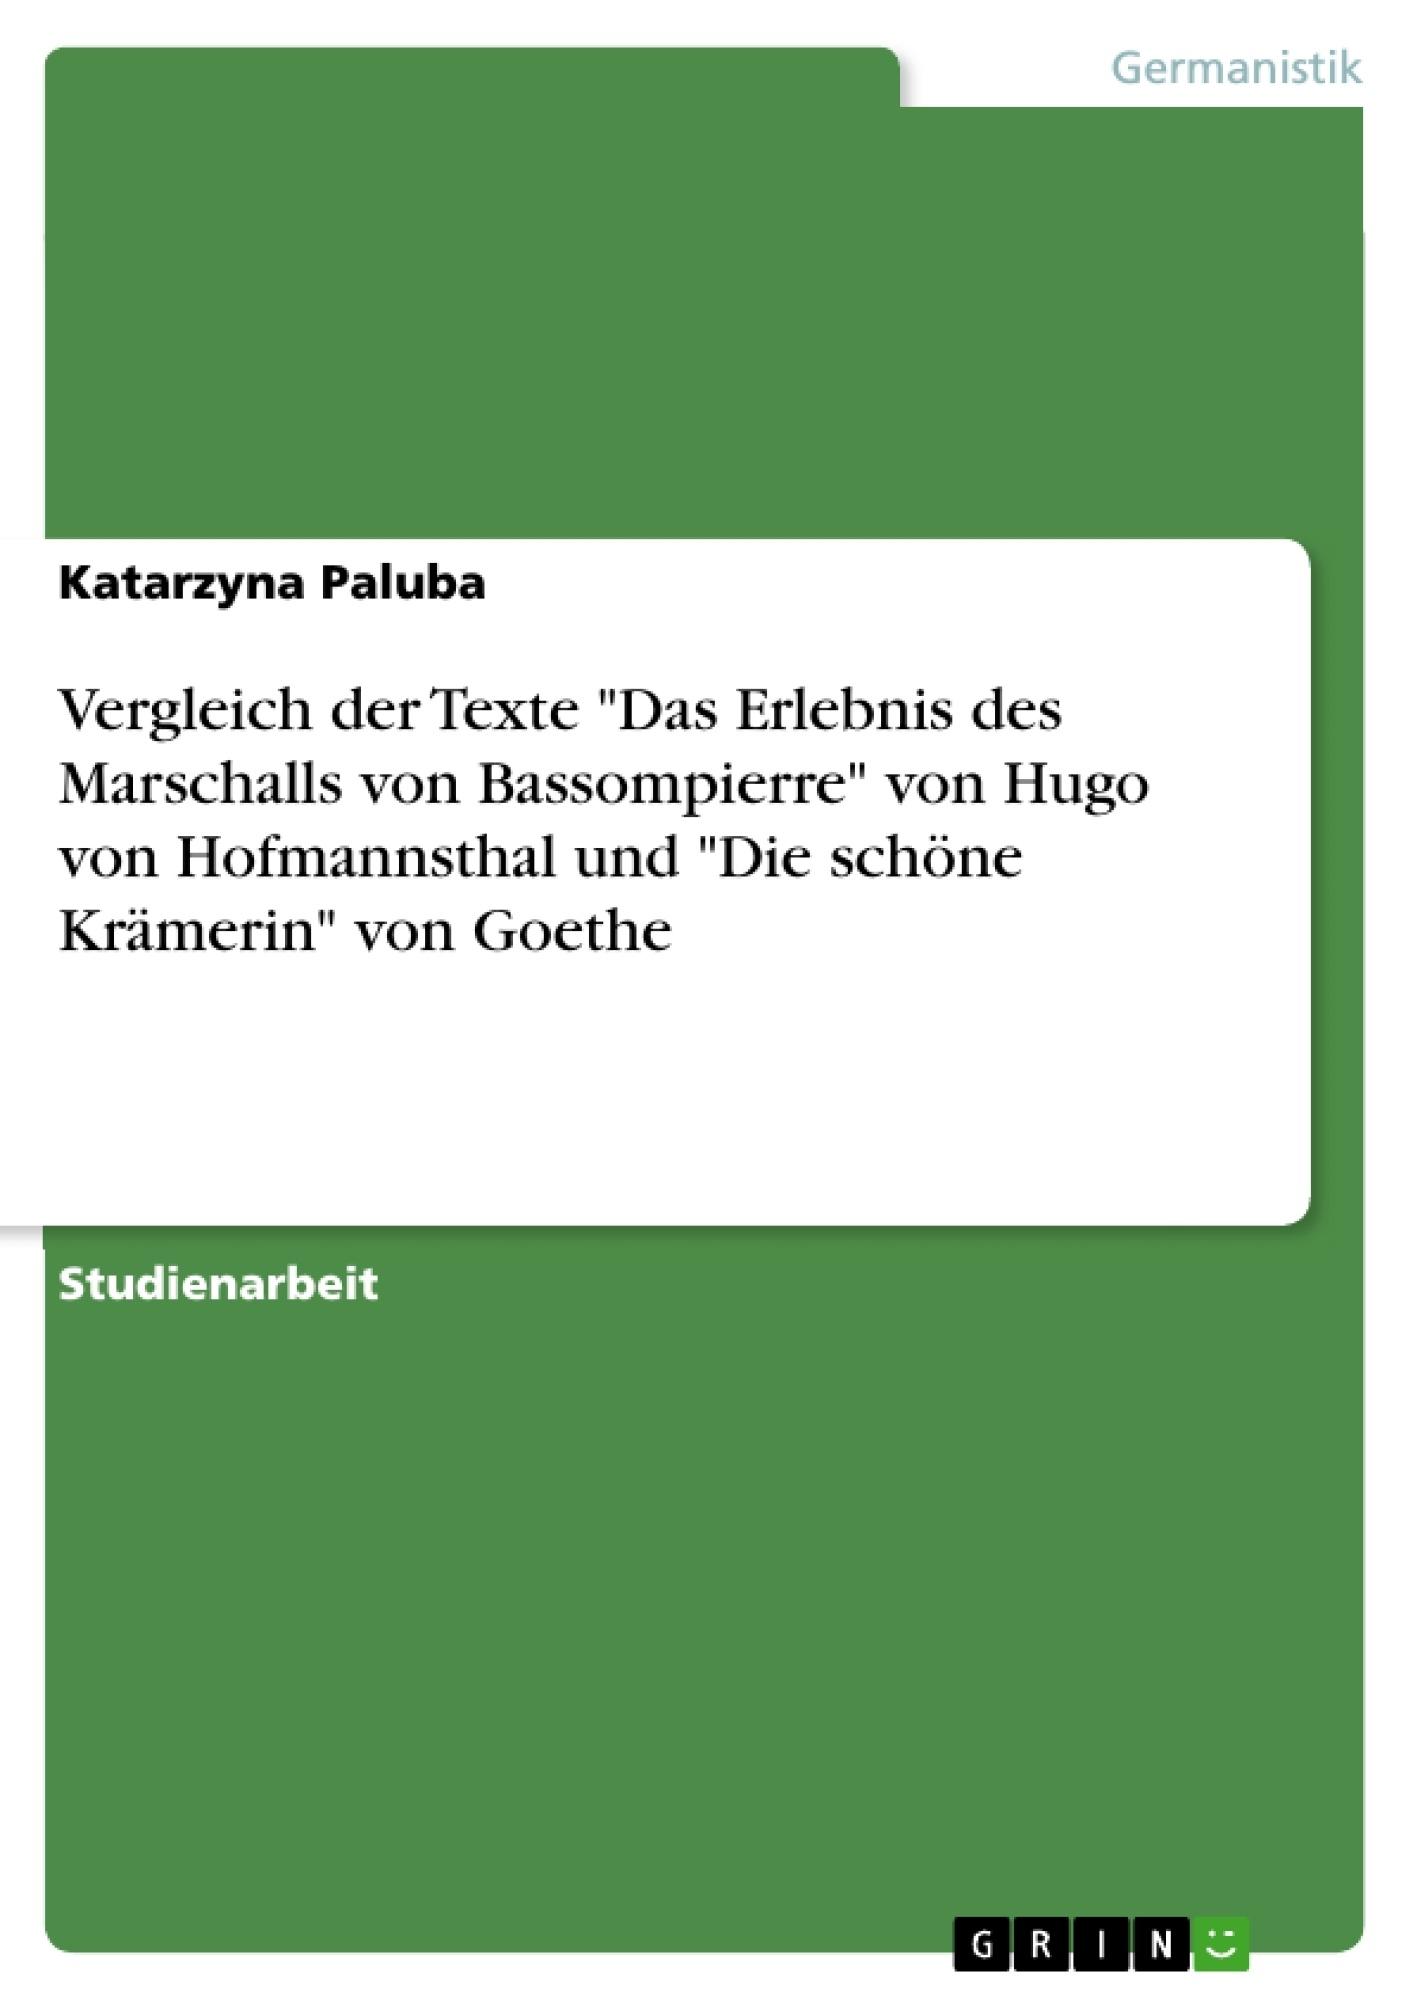 """Titel: Vergleich der Texte """"Das Erlebnis des Marschalls von Bassompierre"""" von Hugo von Hofmannsthal und """"Die schöne Krämerin"""" von Goethe"""